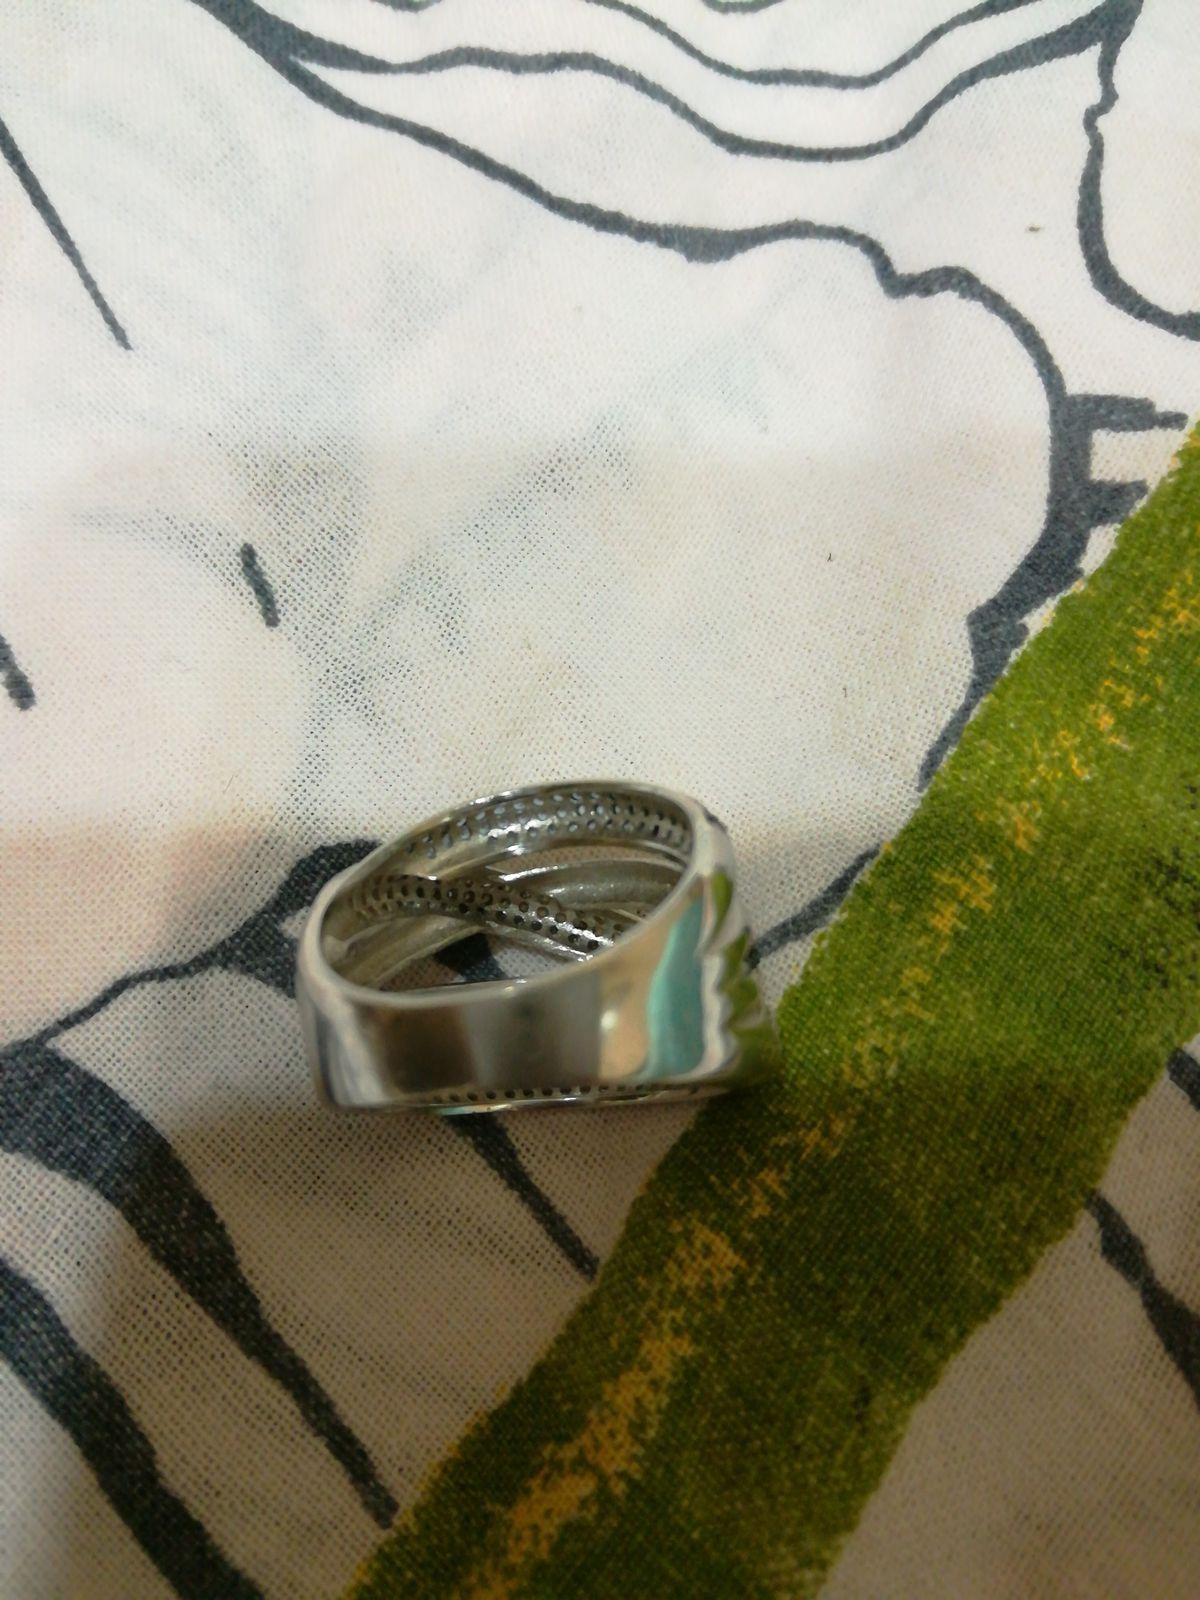 Красивое массивное кольцо.Единственный недостаток ставит затяжки на одежде.